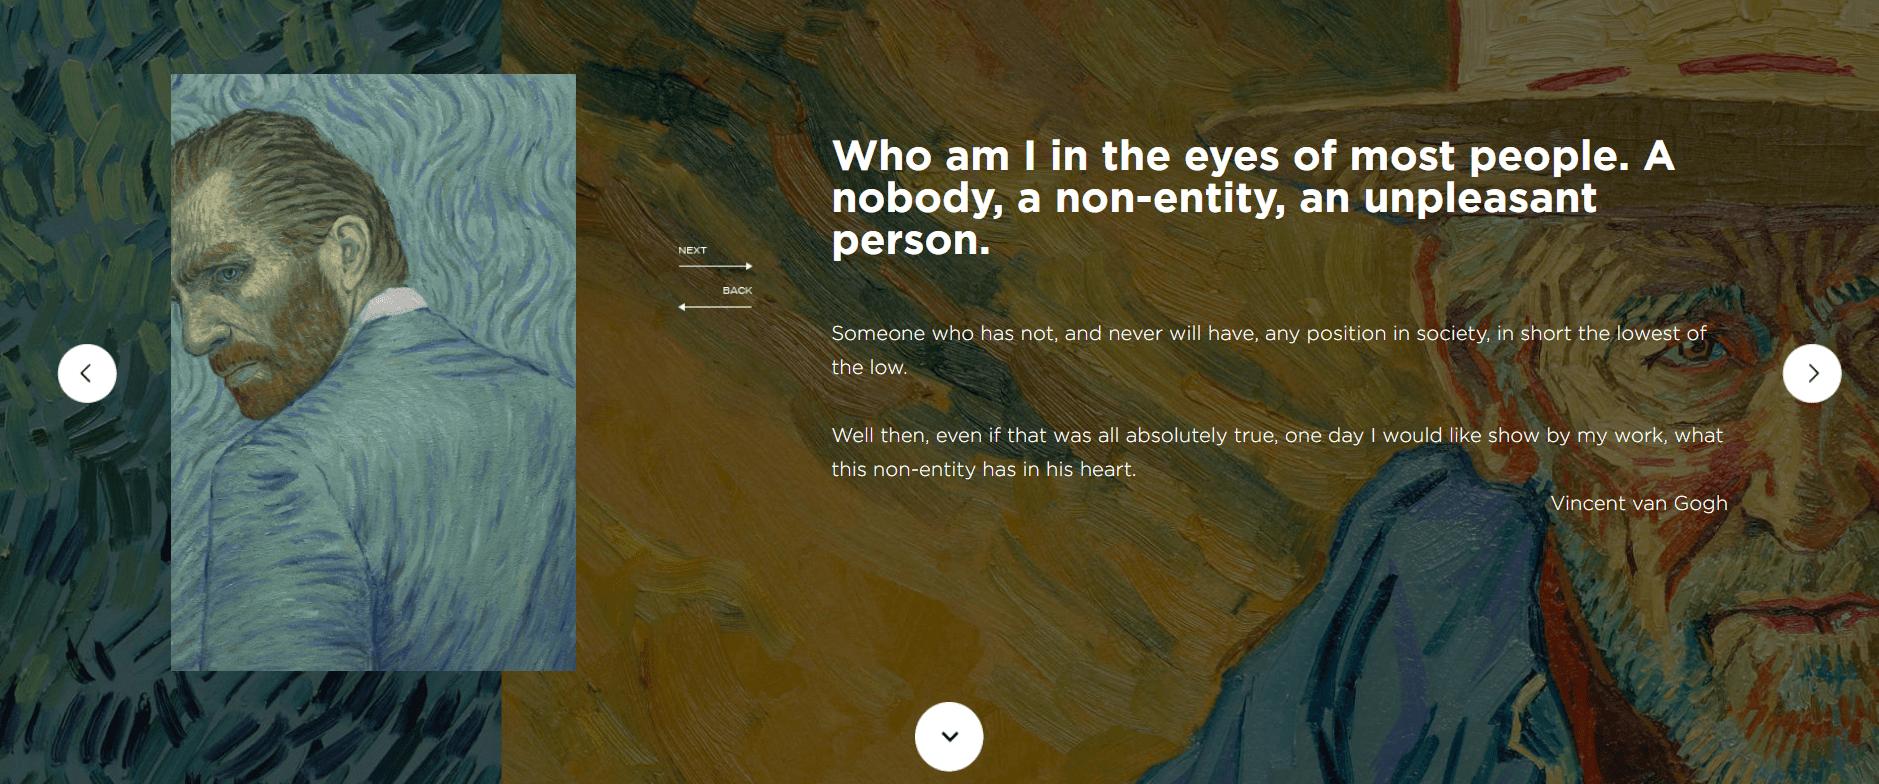 Loving Vincent website background image